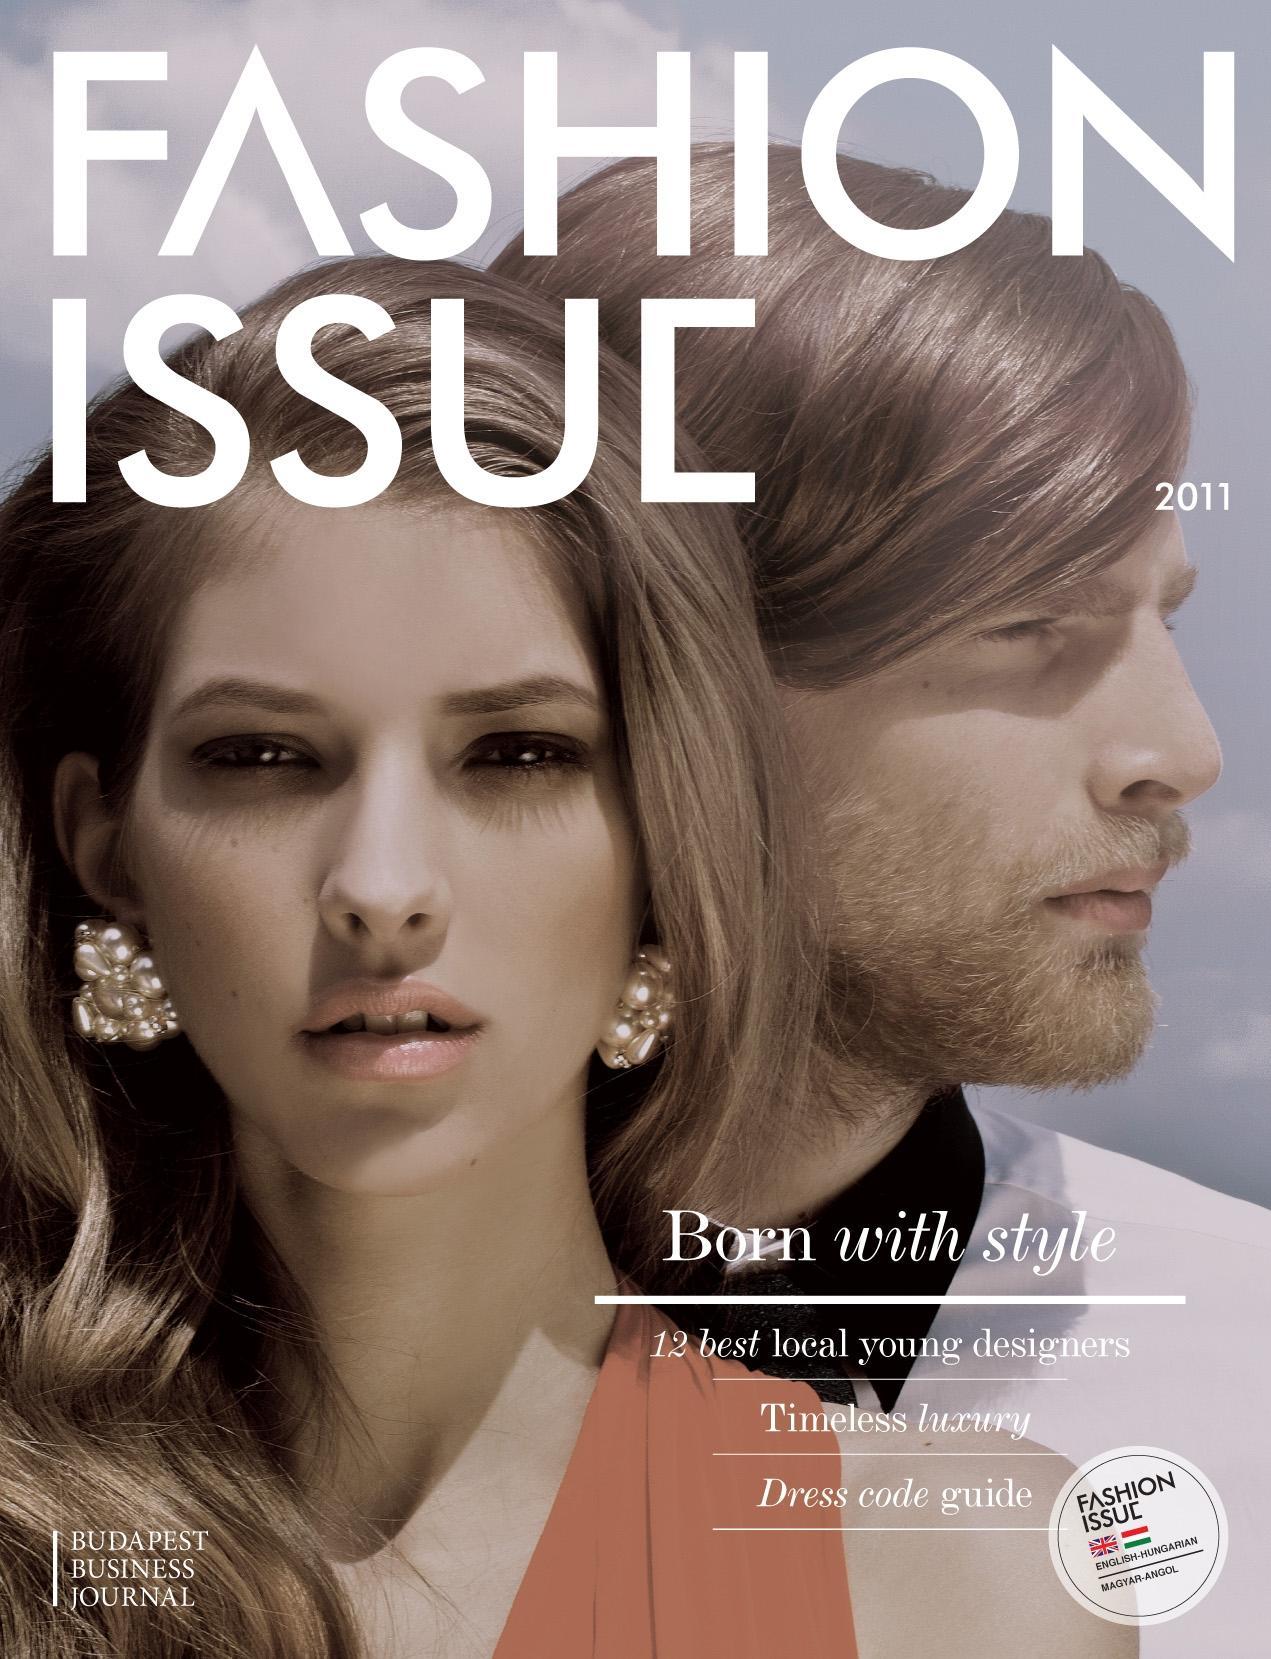 FASHION ISSUE 2011